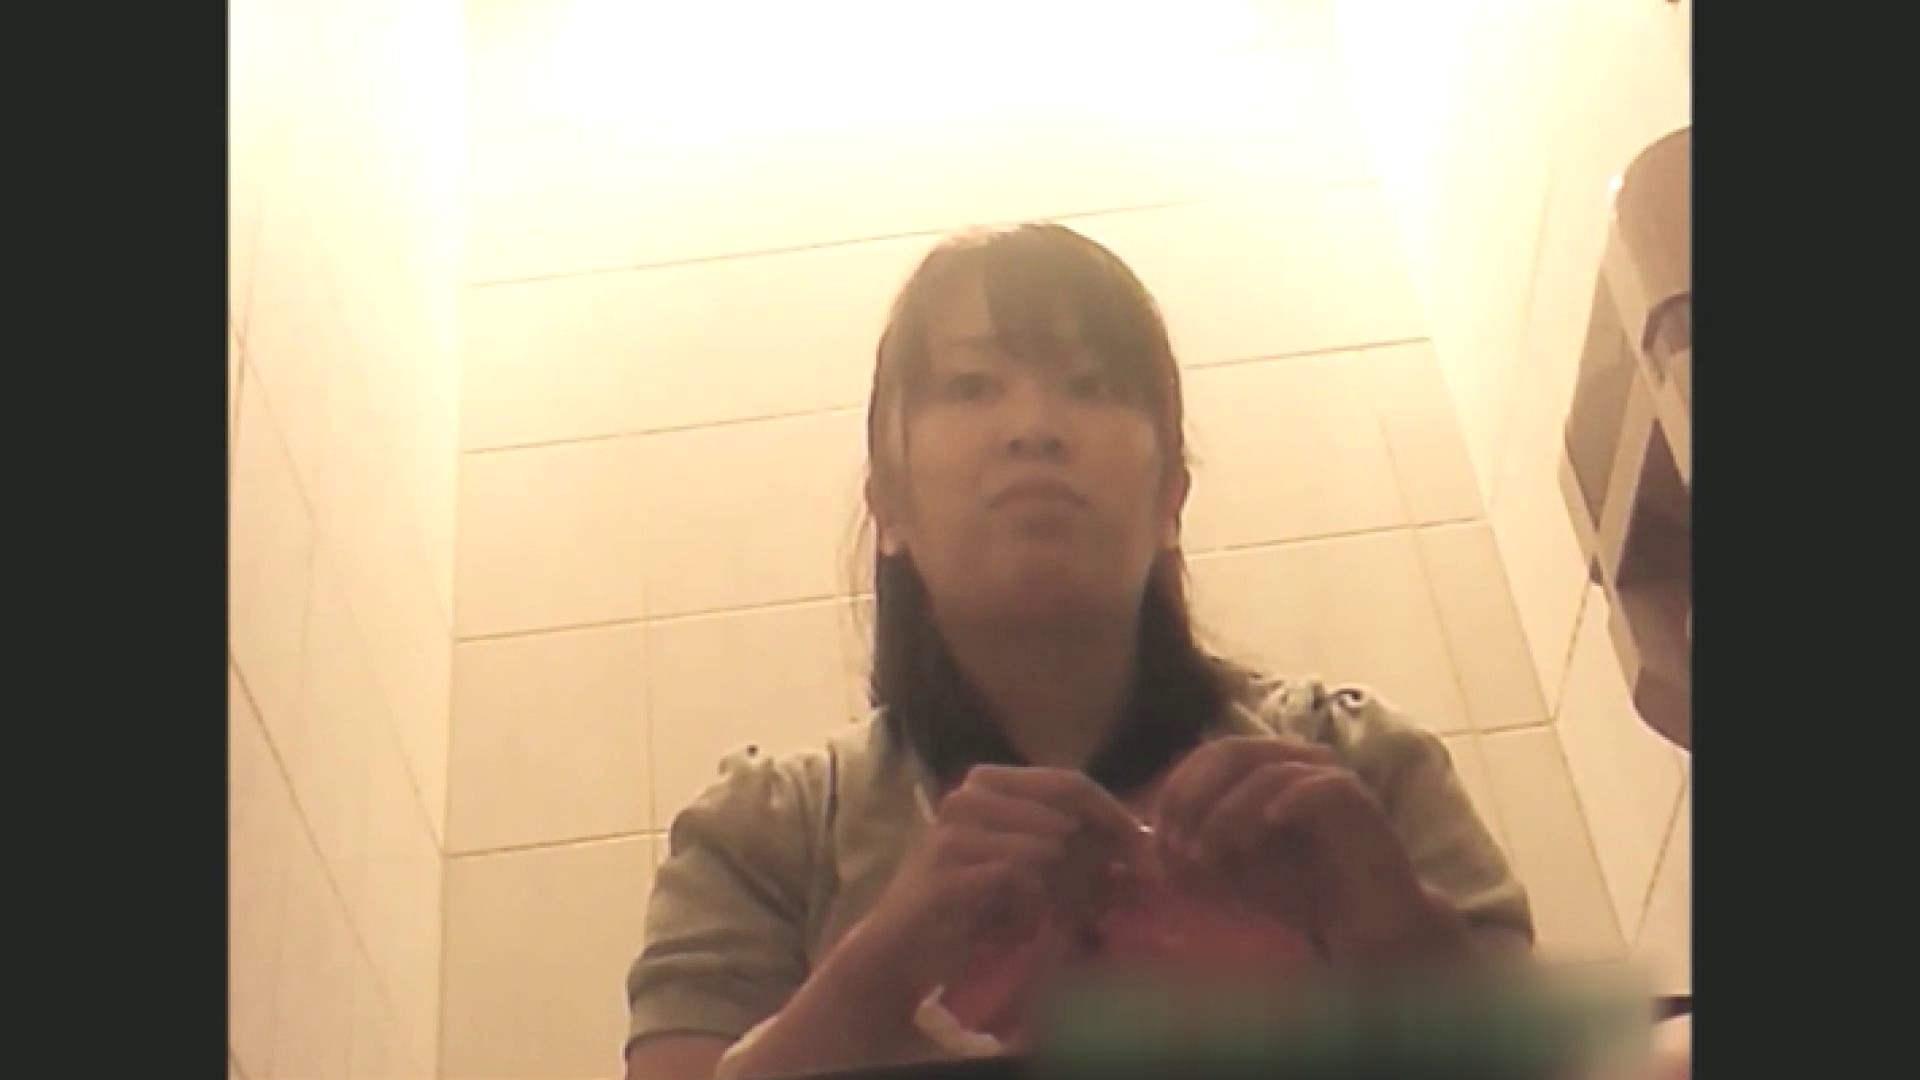 実録!!綺麗なお姉さんのトイレ事情・・・。vol.1 OLすけべ画像  78連発 30